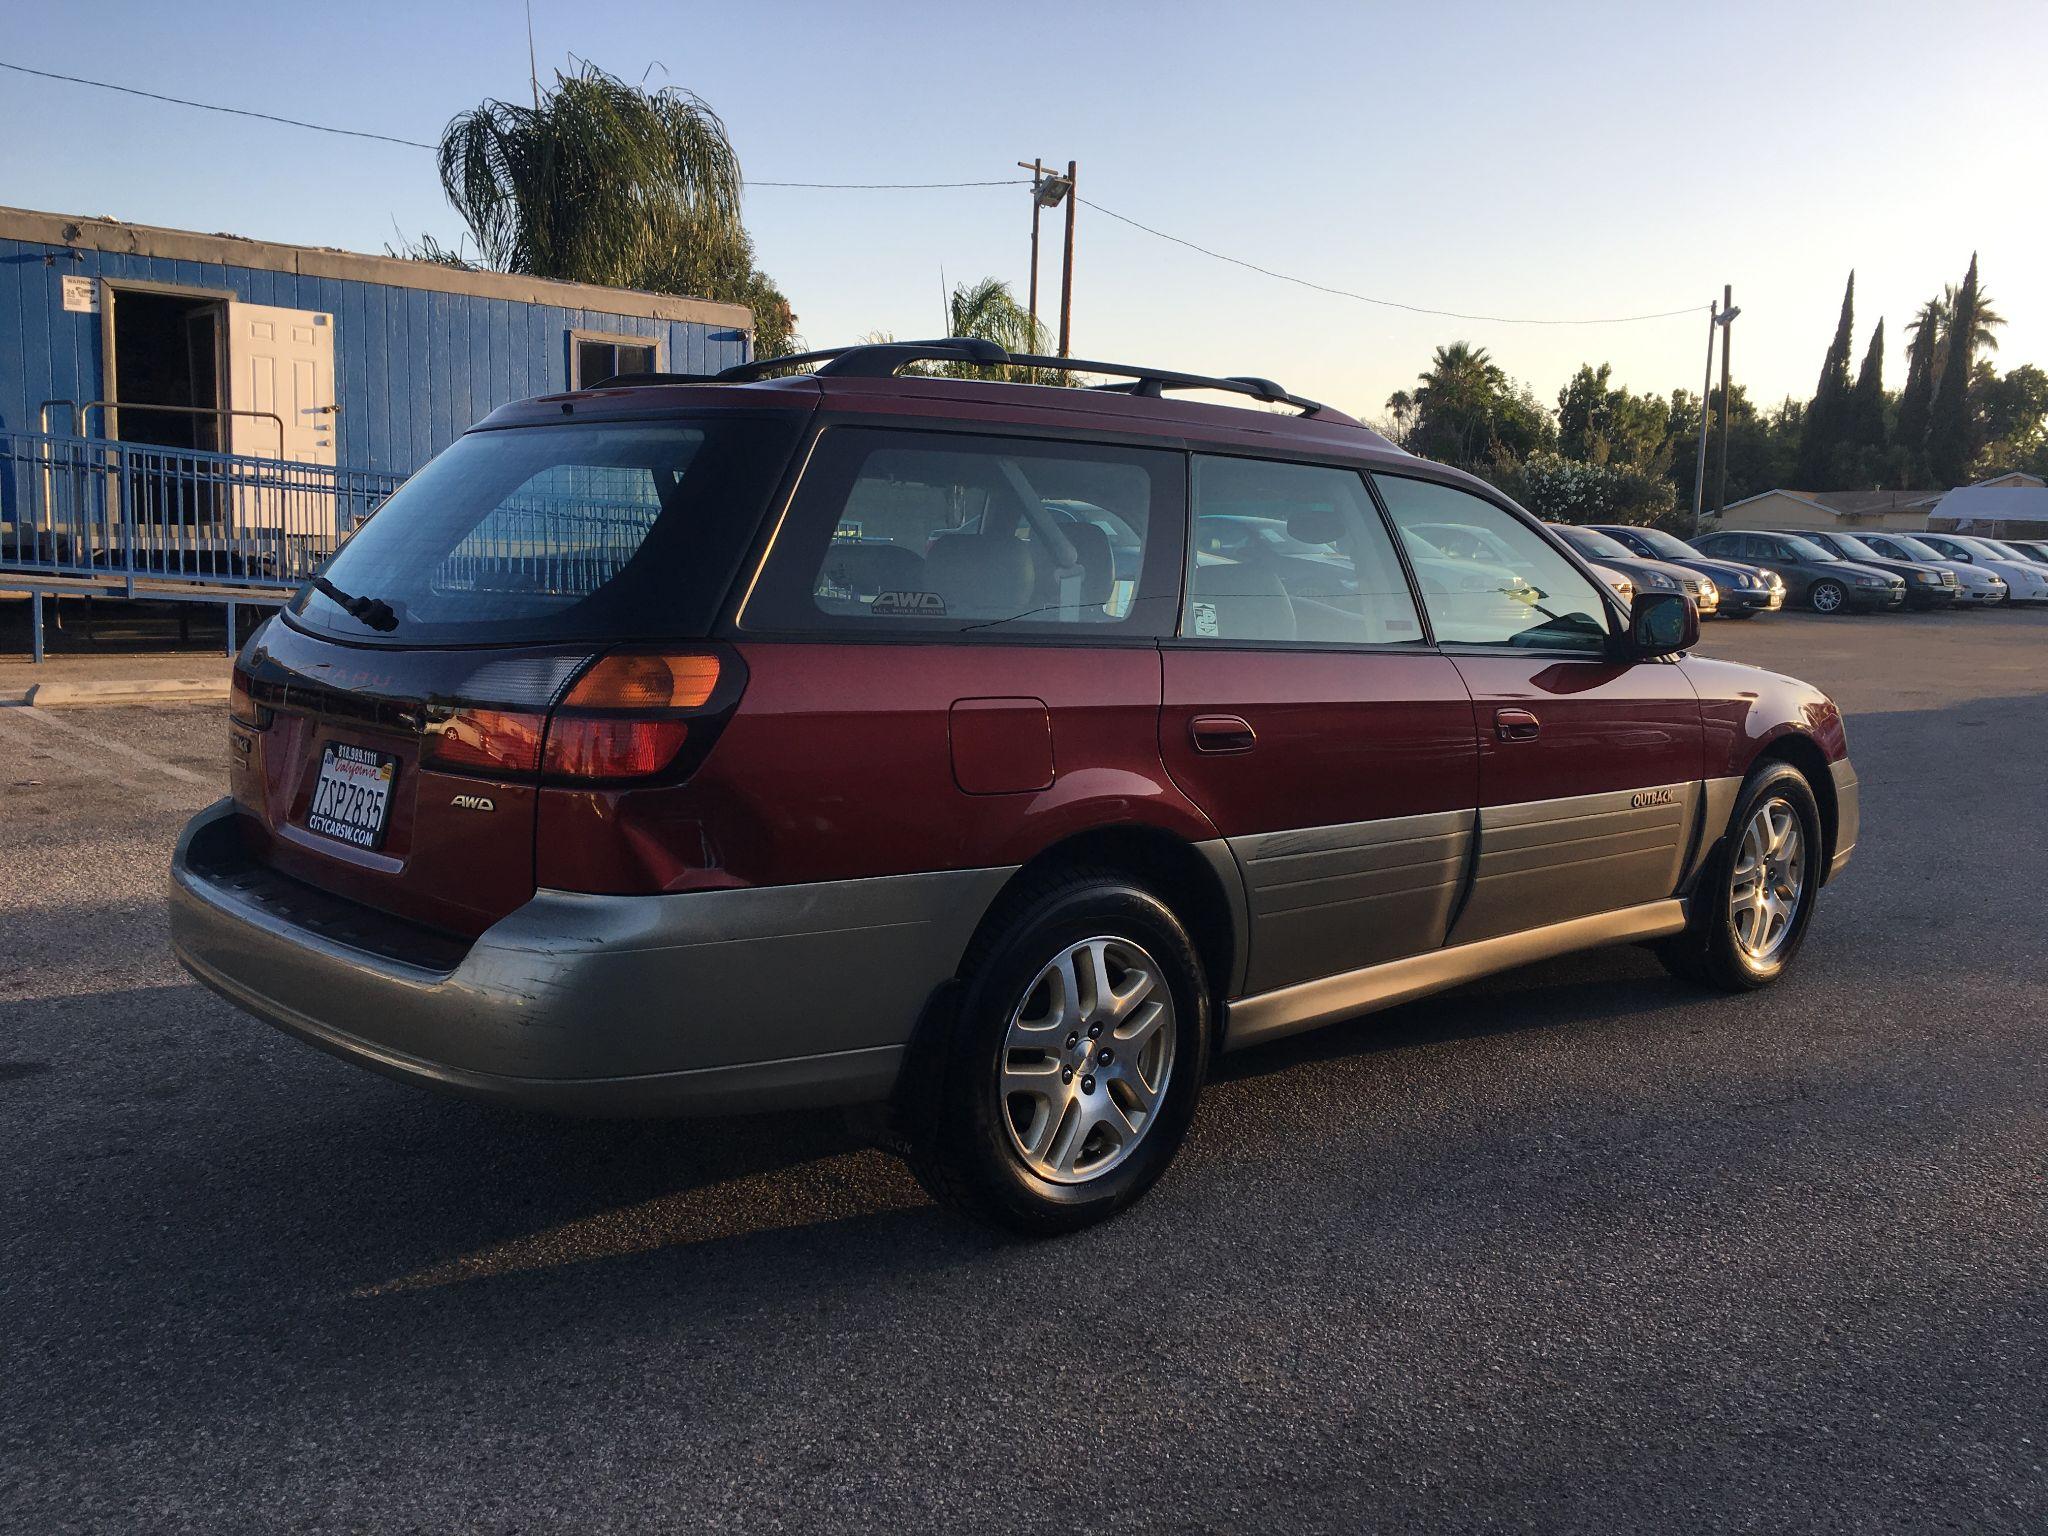 2002 Subaru Outback Outback Ltd